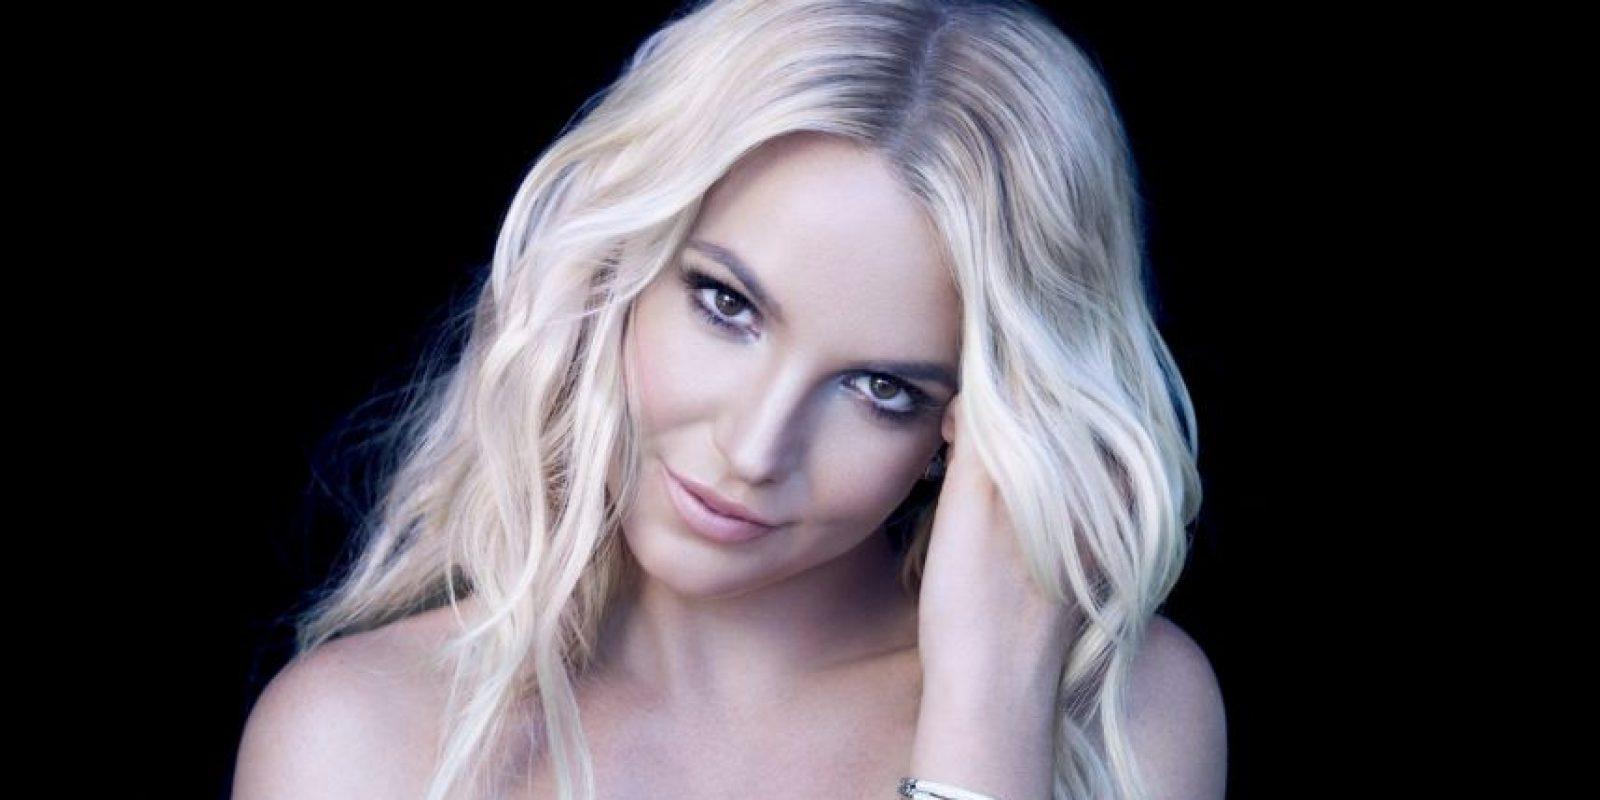 """En 2010, una fuente cercana a la """"princesa del pop"""" aseguró, a la revista """"The Sun"""", que la cantante estaría dispuesta a pagar el tratamiento para mantener sus restos en una cámara de congelación. Foto:Getty Images"""